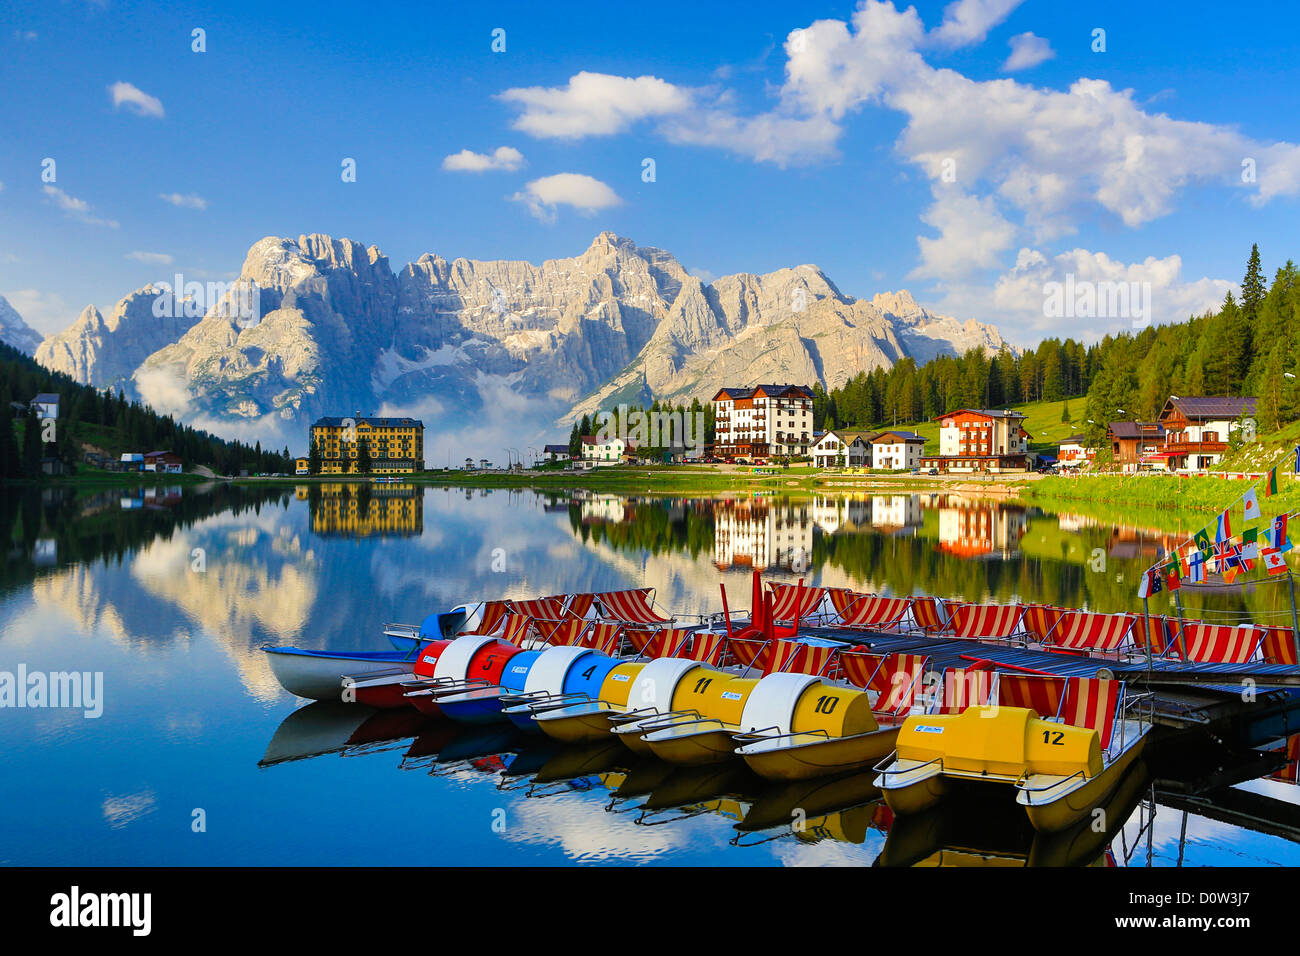 Italien, Europa, Reisen, Dolomiten, Alpen, Missurina, See, Tretboot, Schiffe, Berge, Wolken, bunt, Reflexion, Südtirol, Stockbild